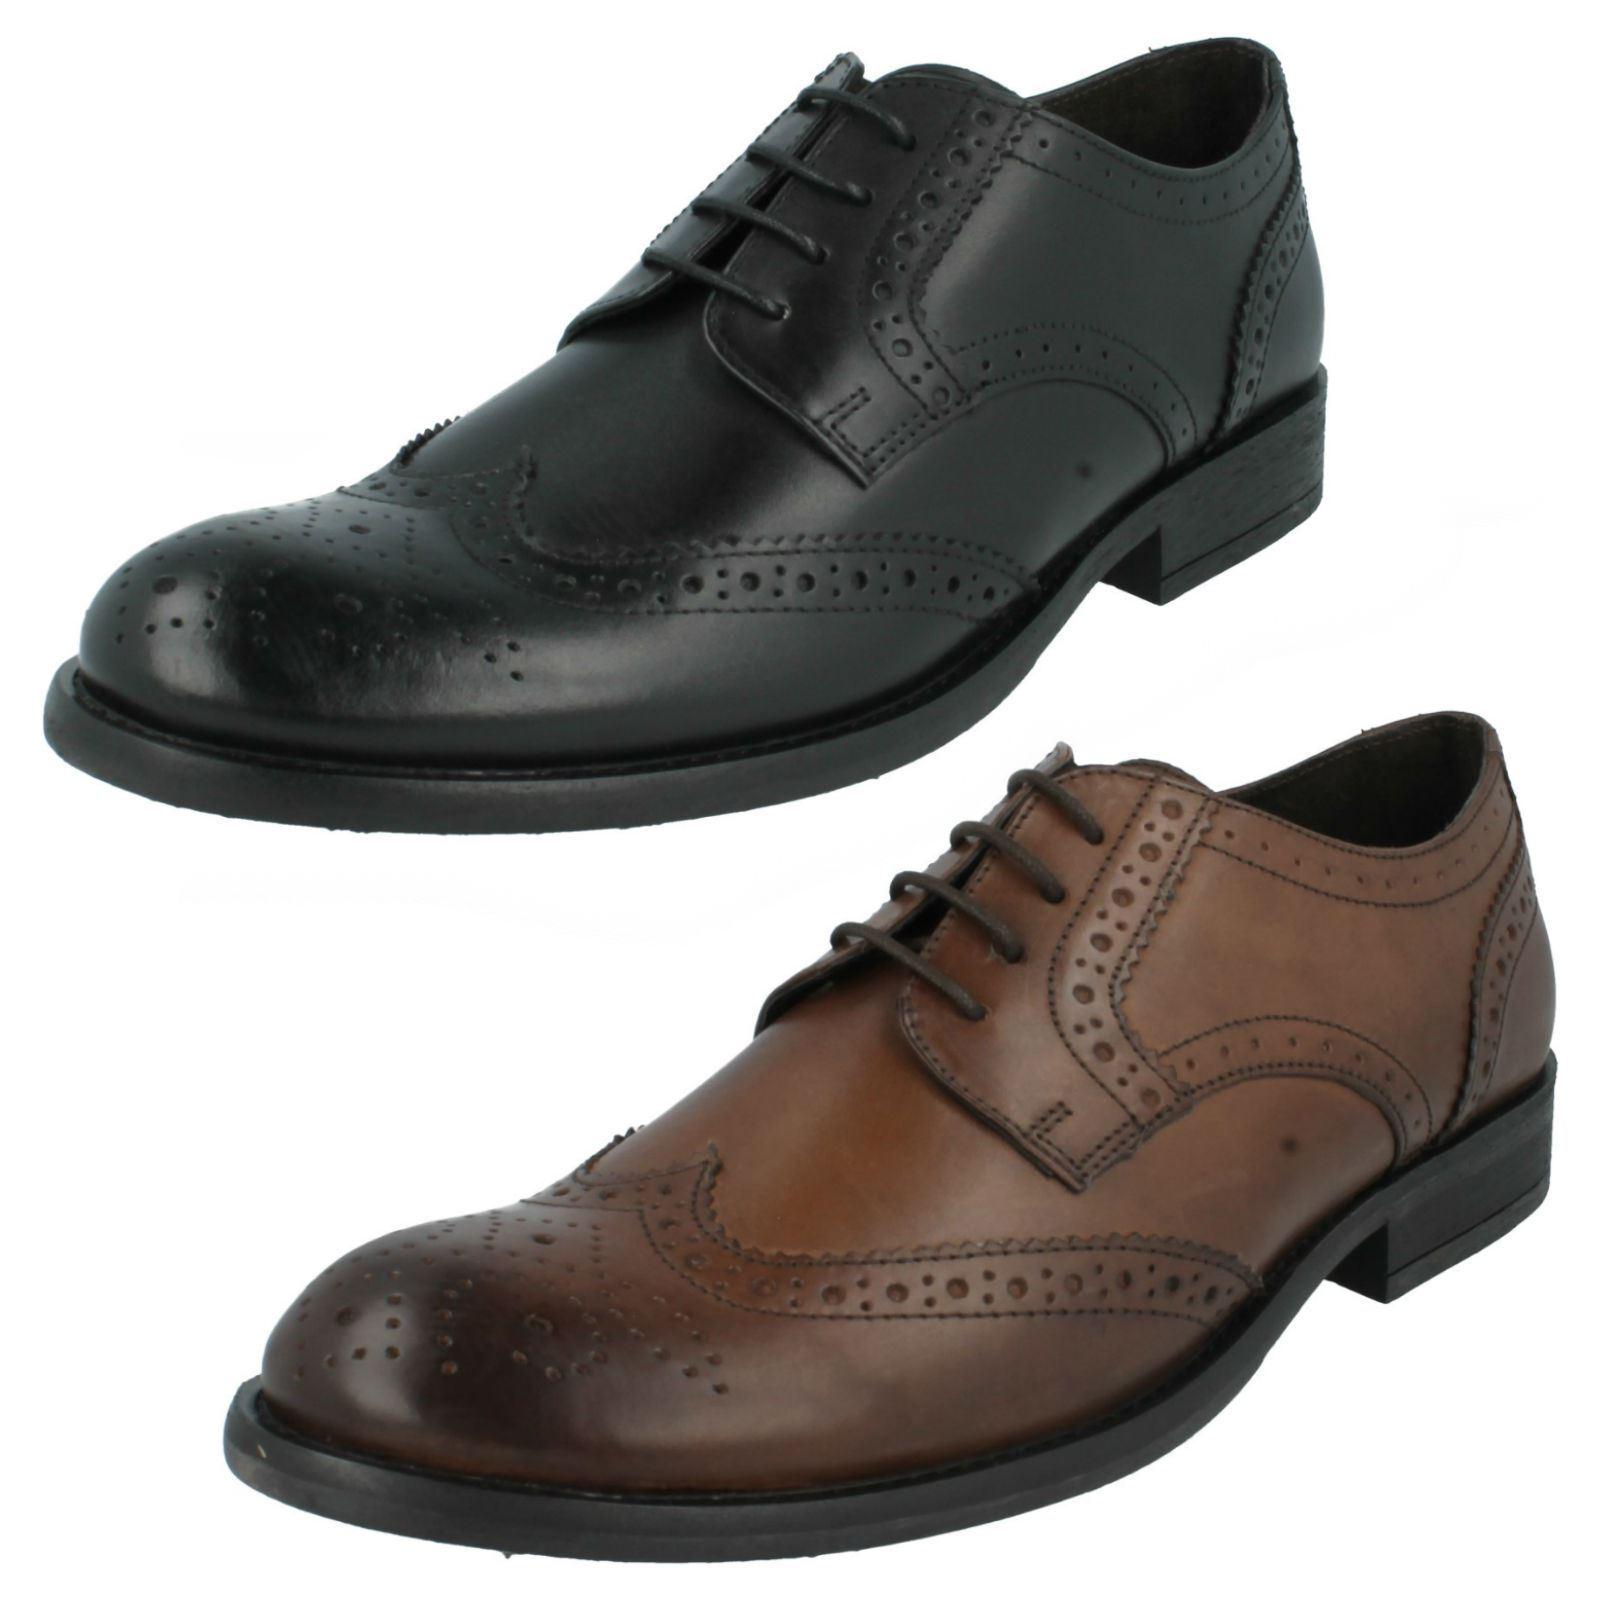 Mens Base London MTO Formal Shoes - Oak MTO London 994970